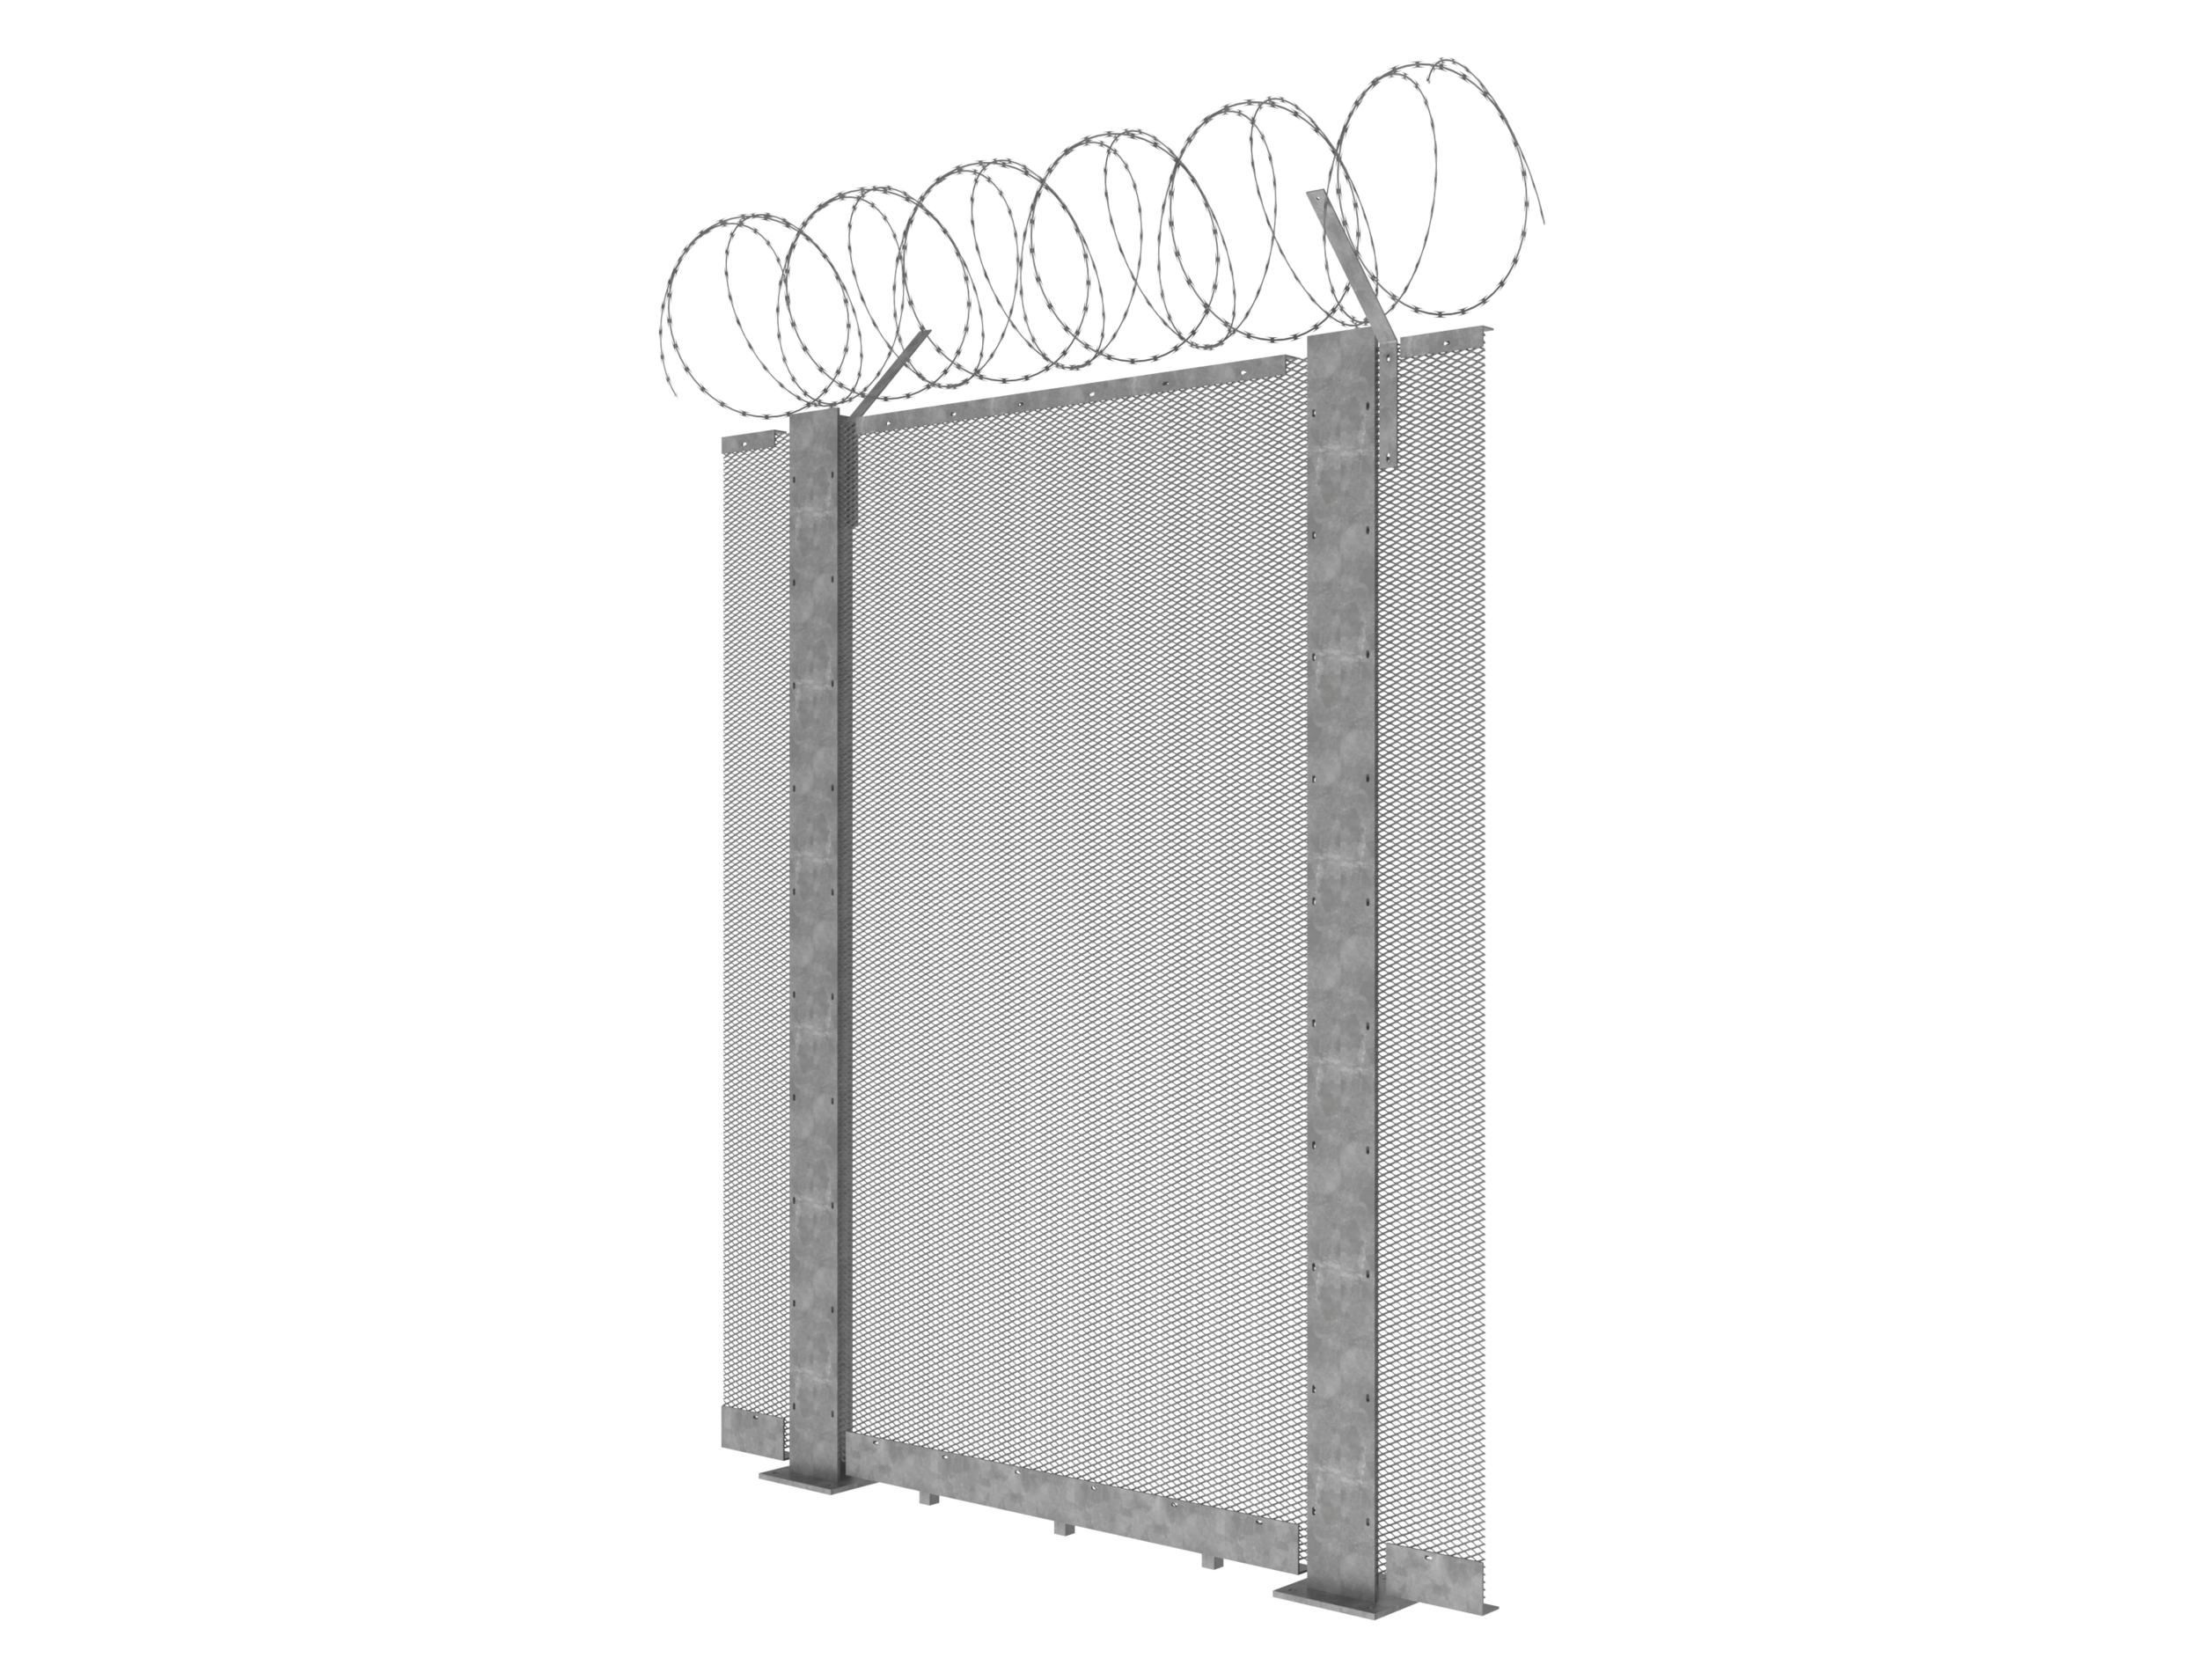 Expament Fence Render.png